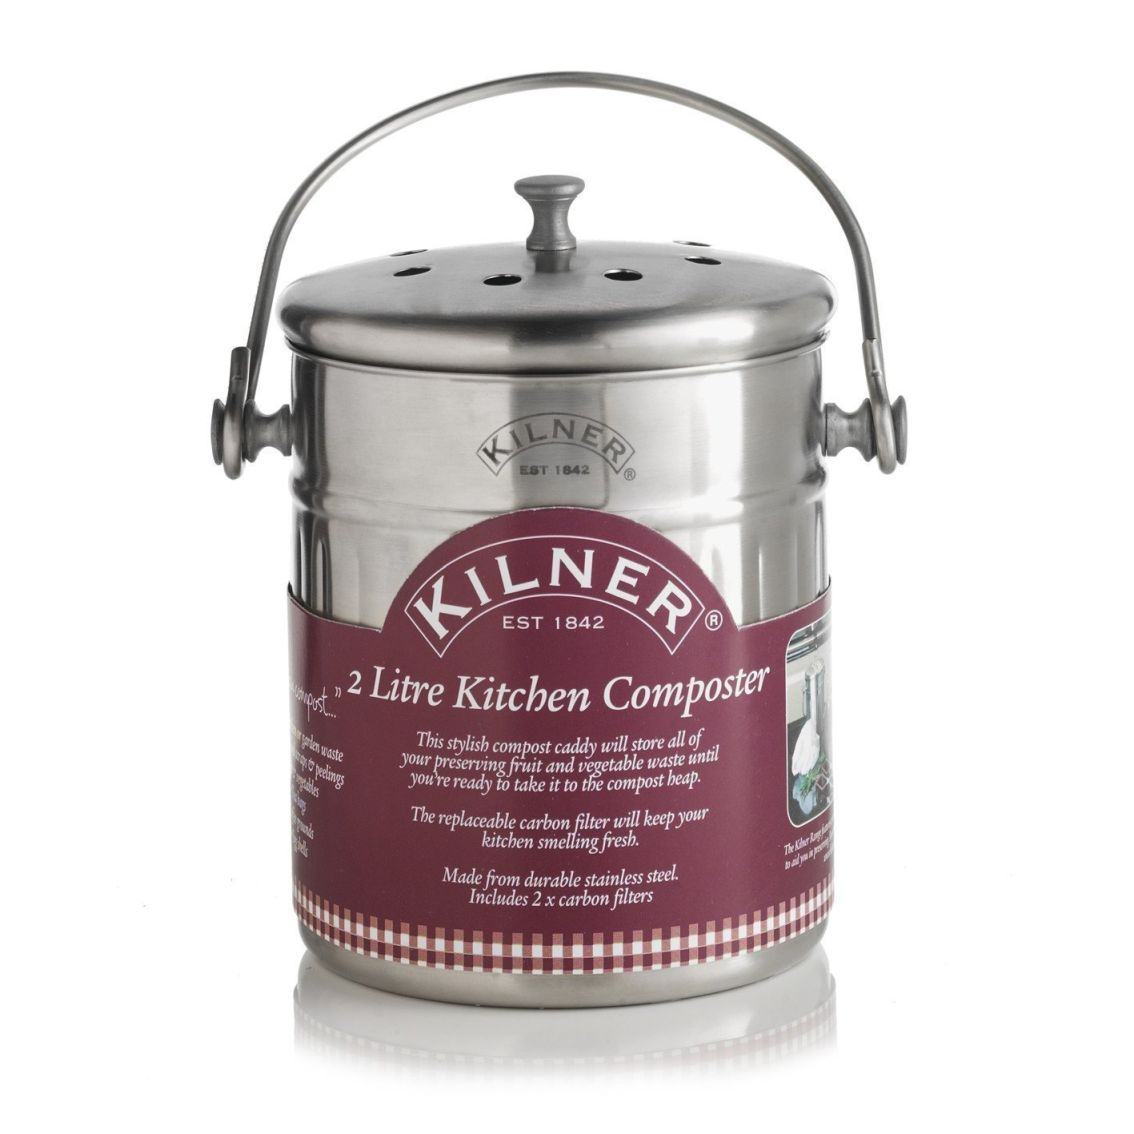 Kuchyňský kompostér, 2 l - Kilner